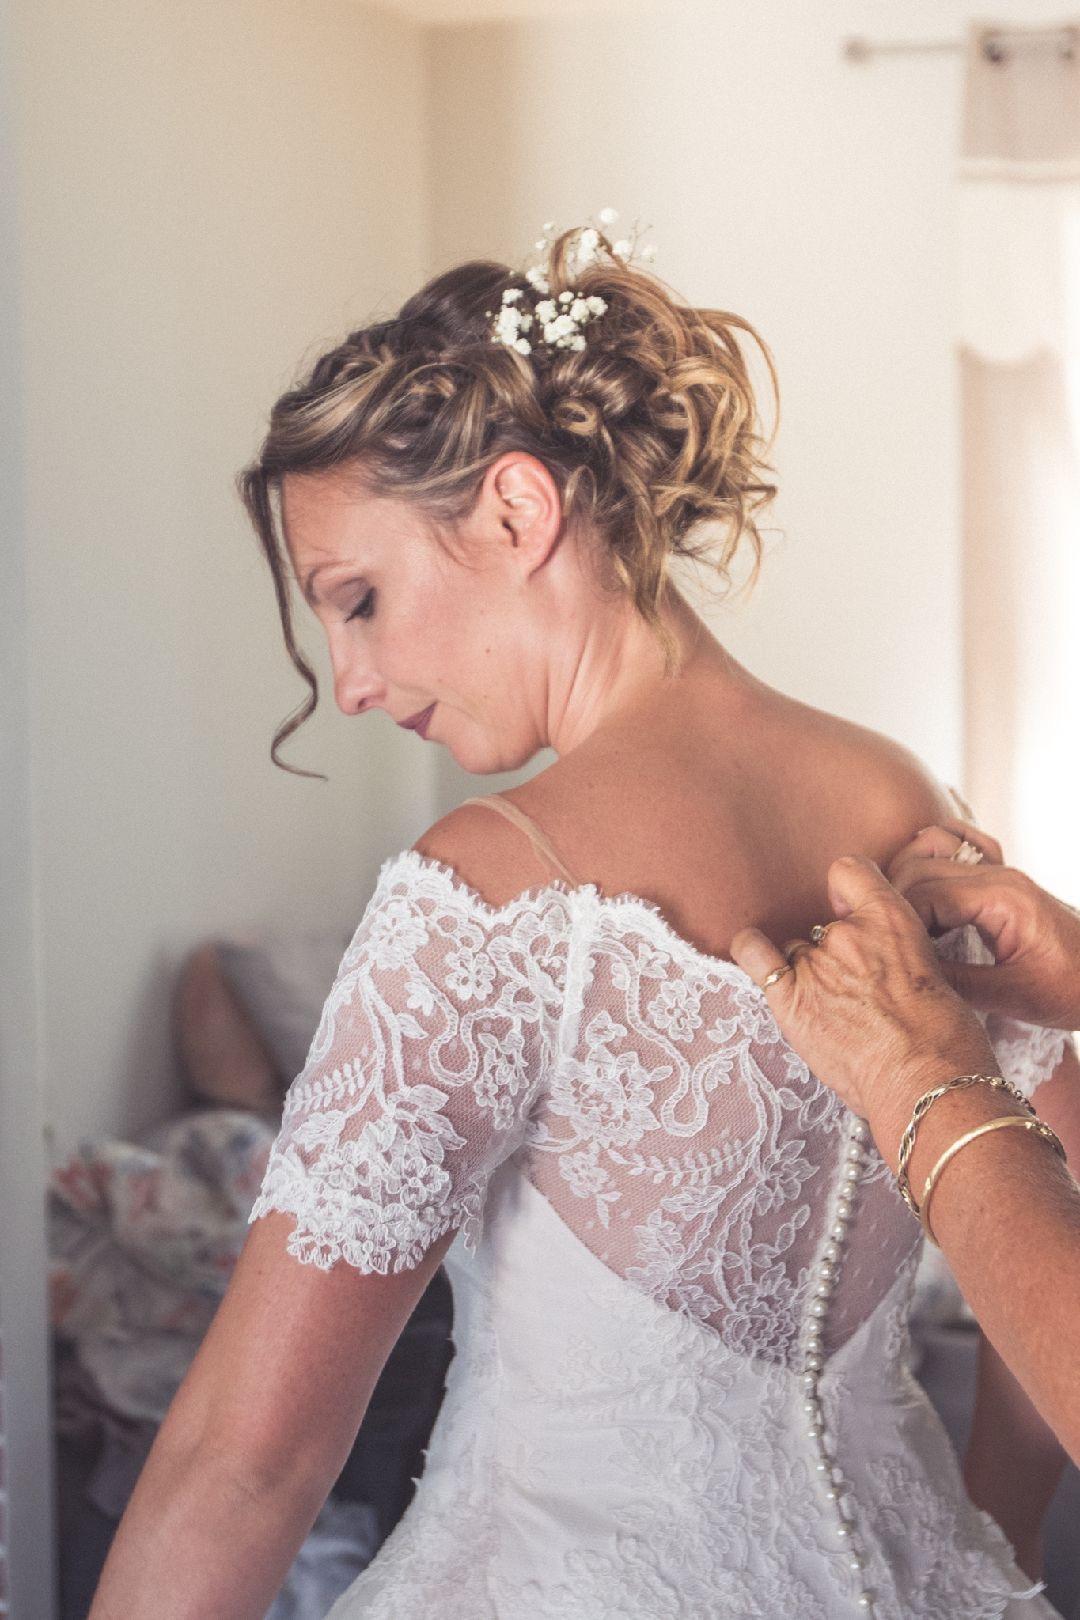 Maquillage mariée crédit photo : Julien Bergeaud